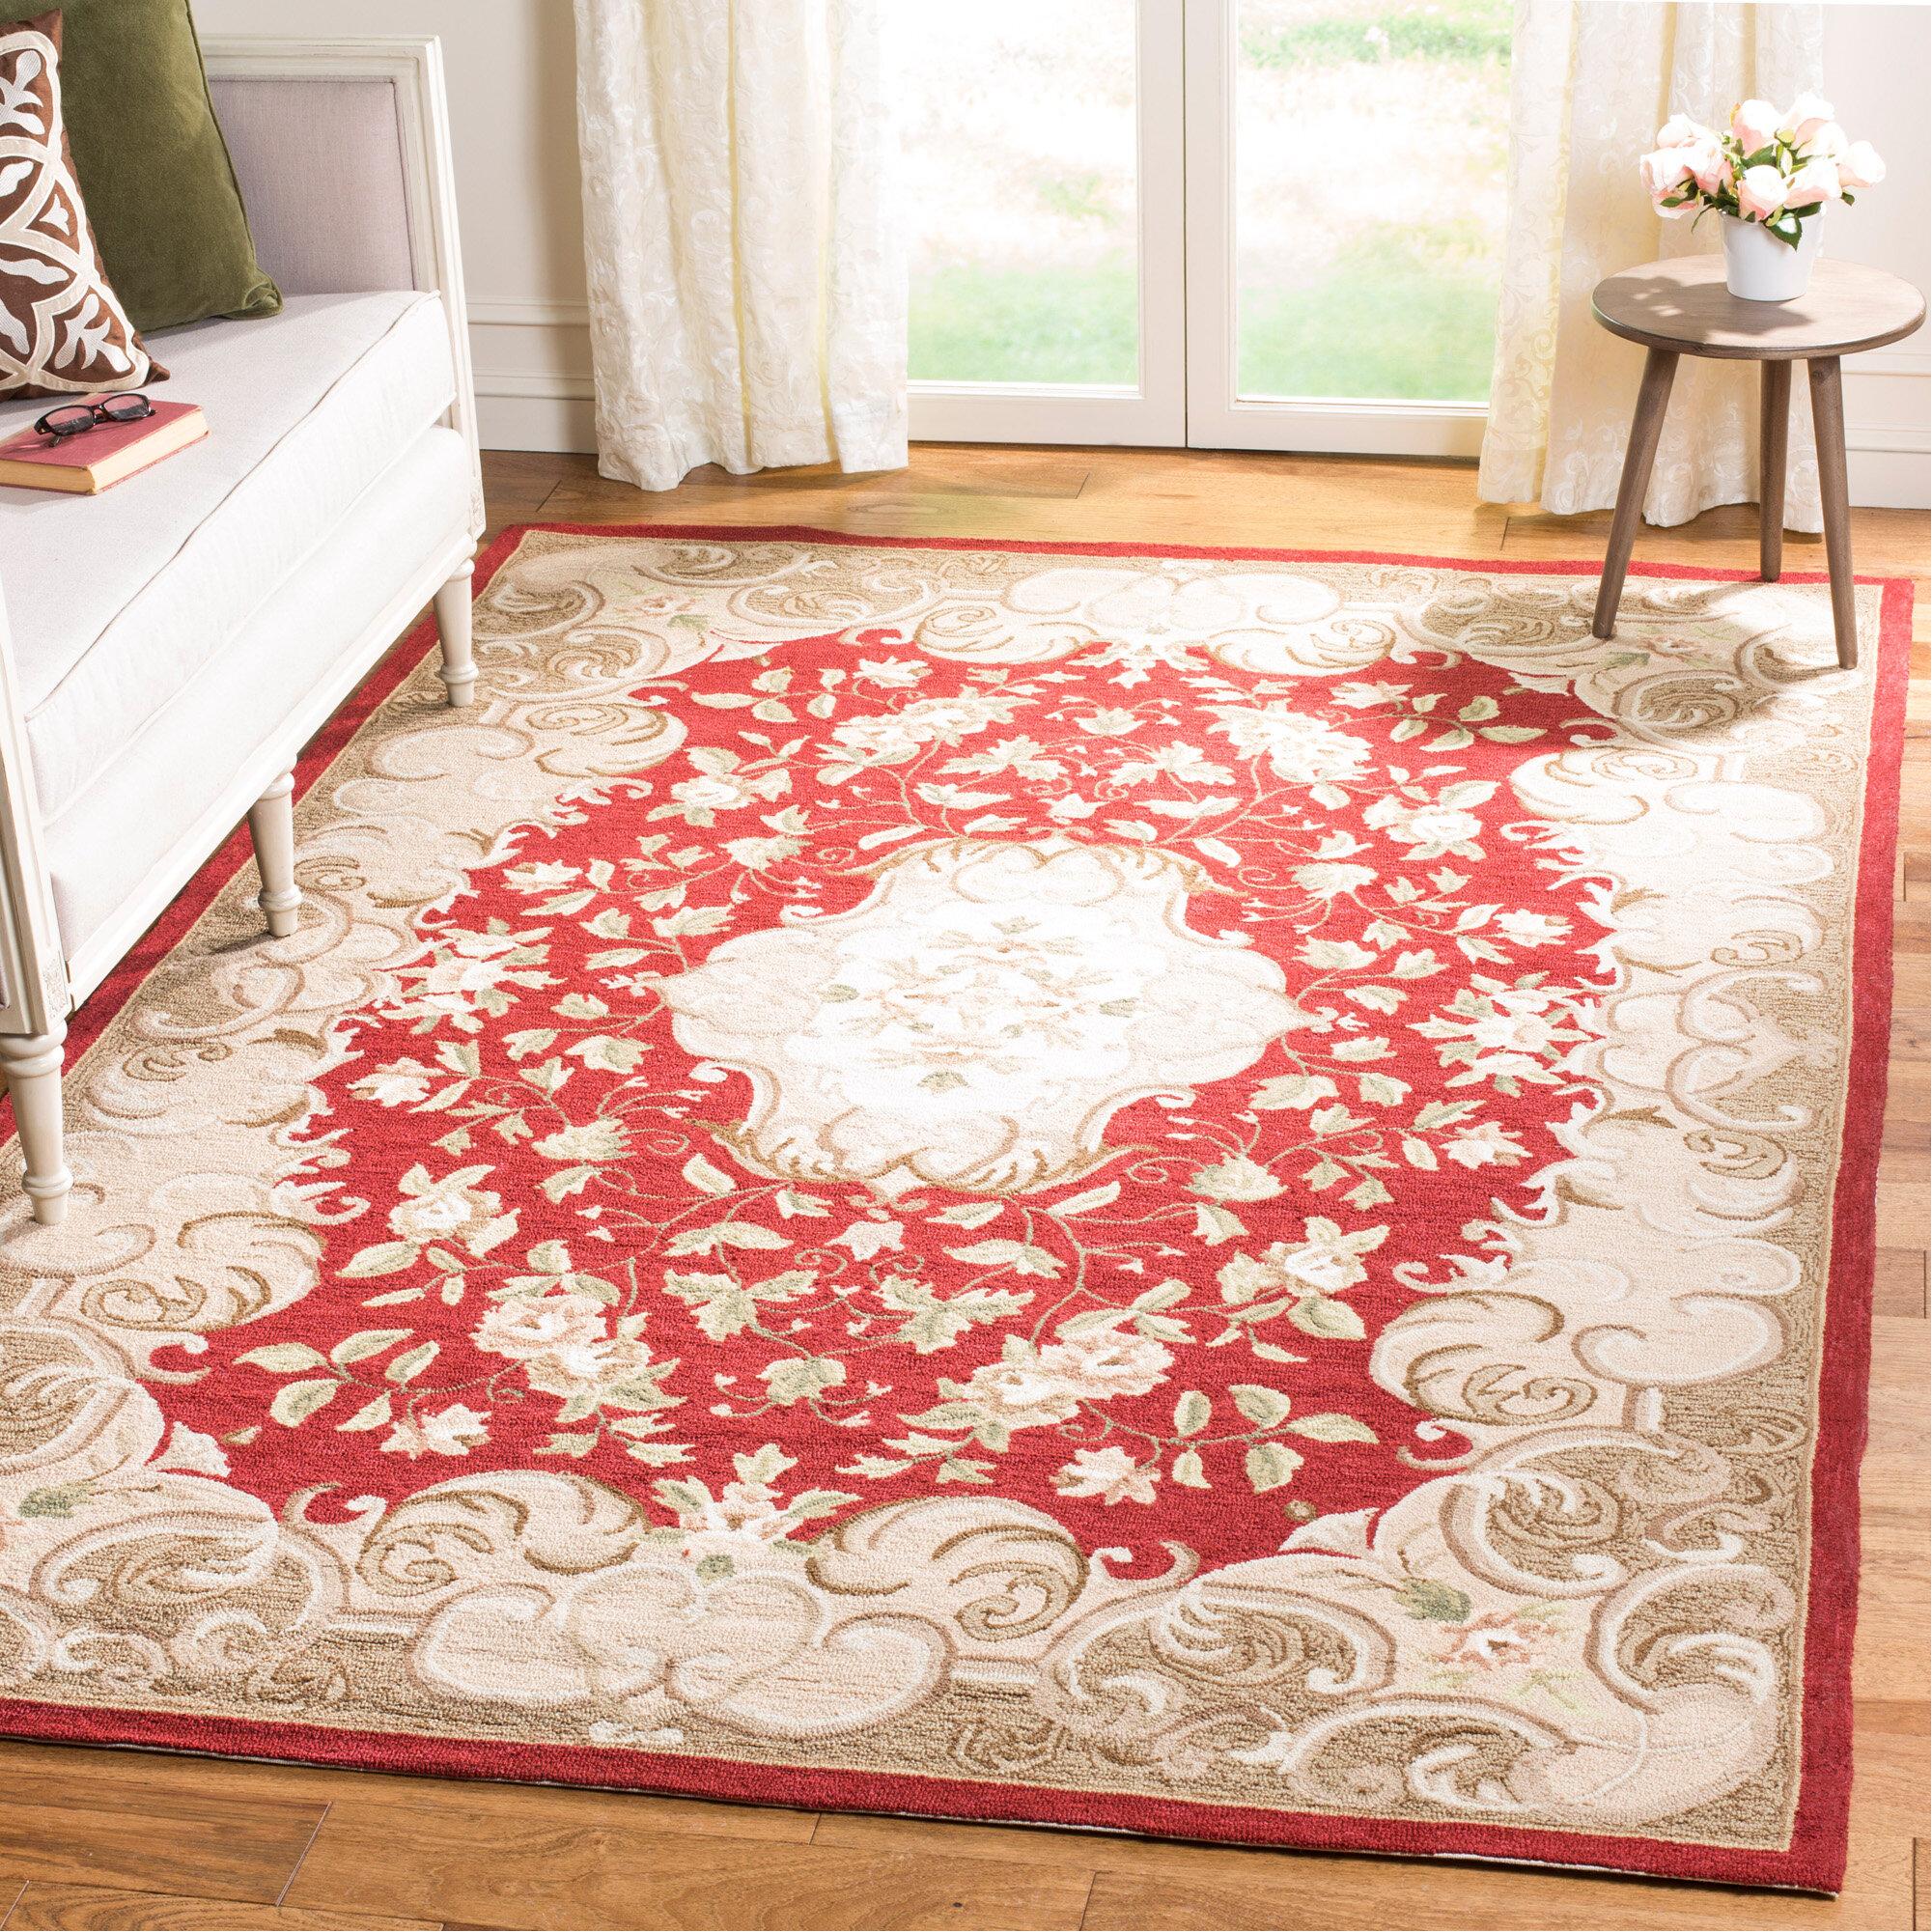 Tapis Salon Couleur Rouille tapis de couleur rouille / sauge crocheté à la main durarug